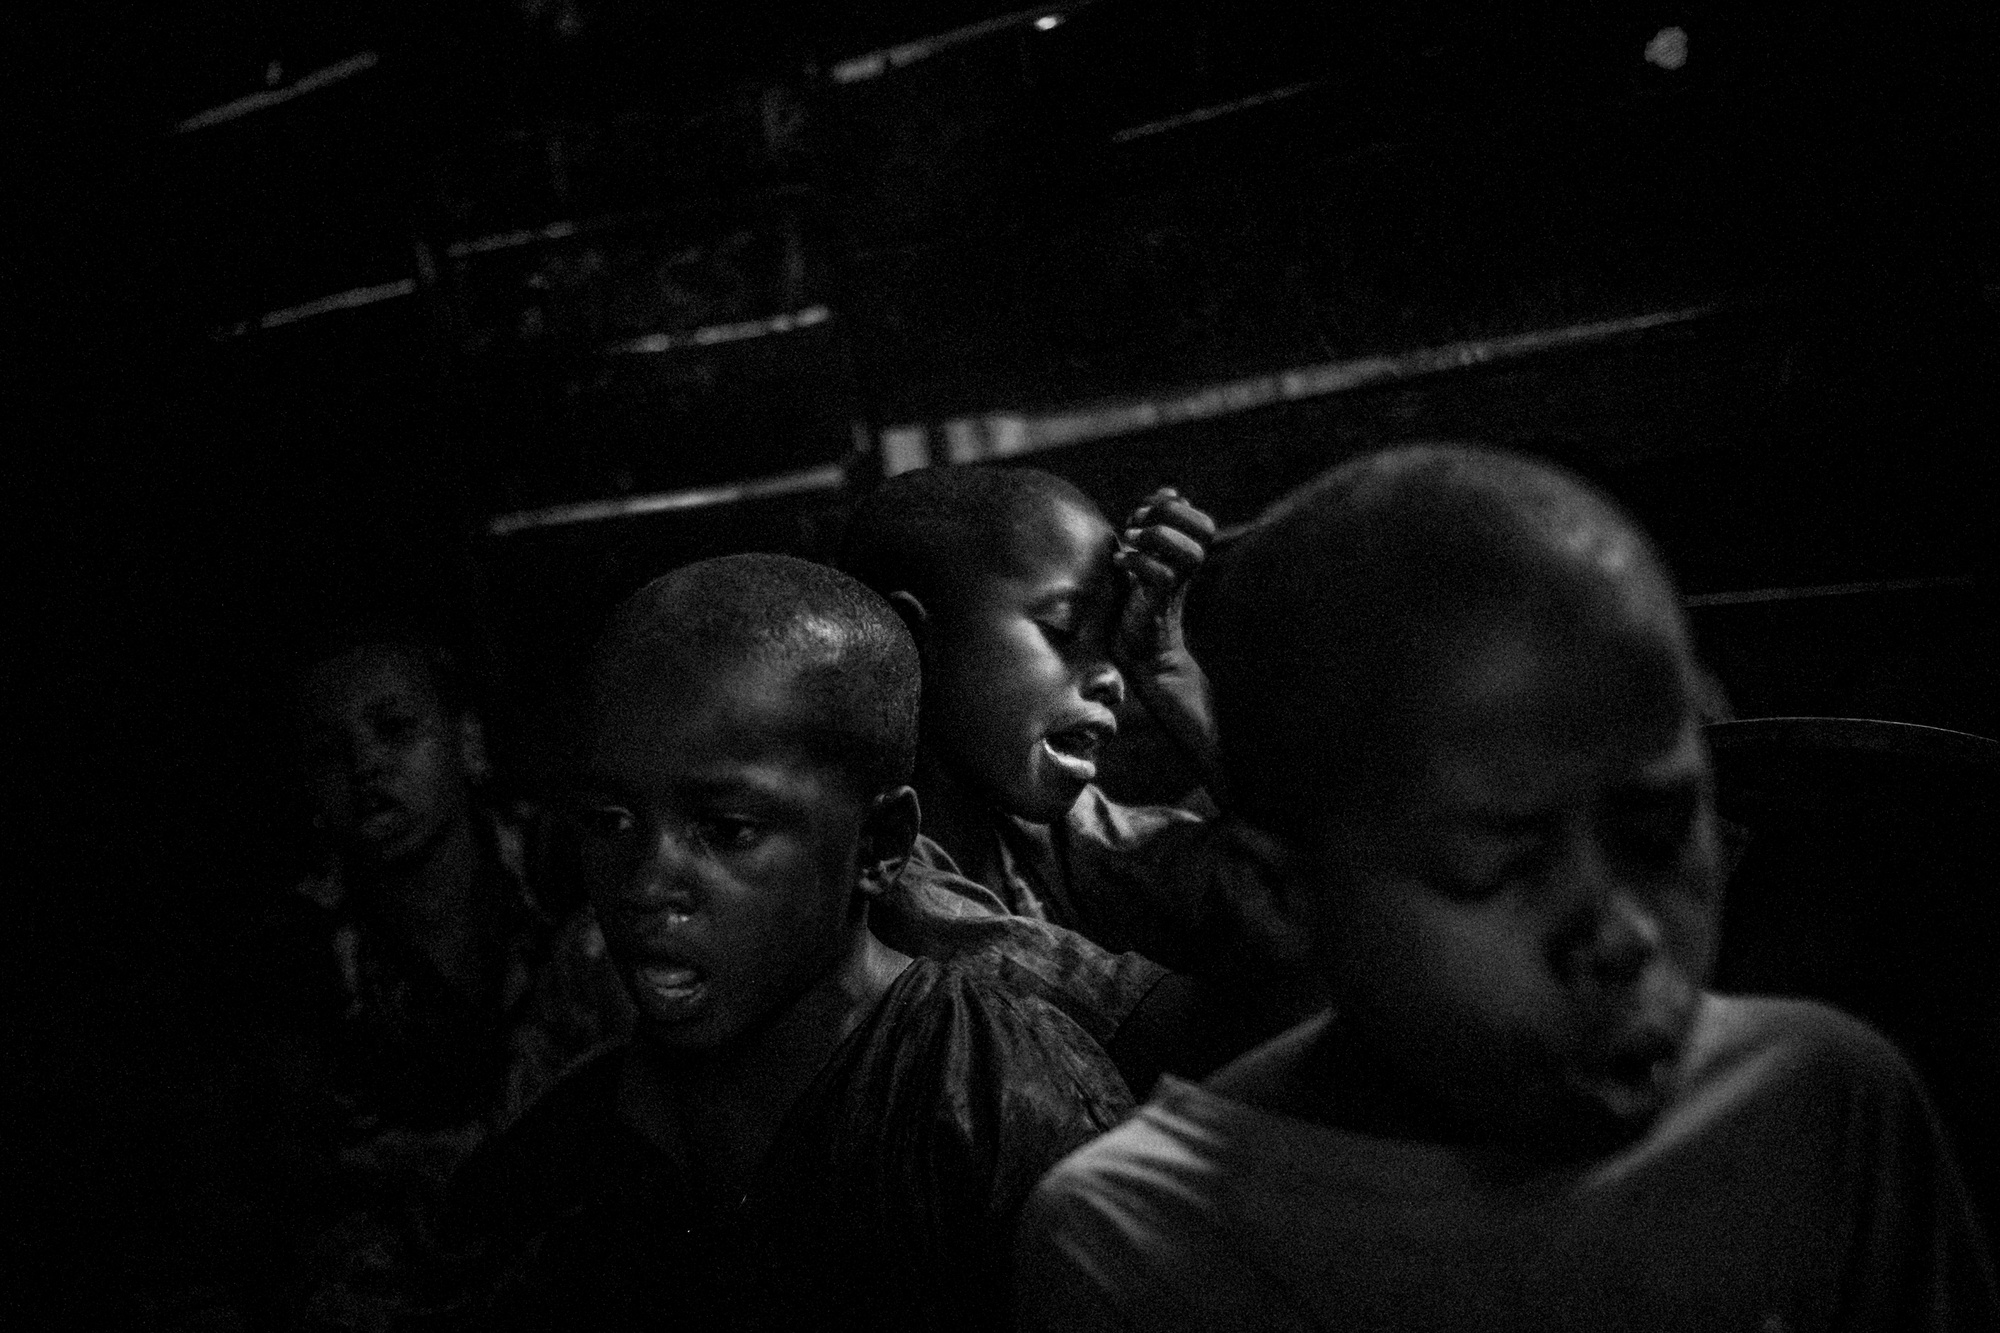 Talibés: Modern-Day Child Slavery